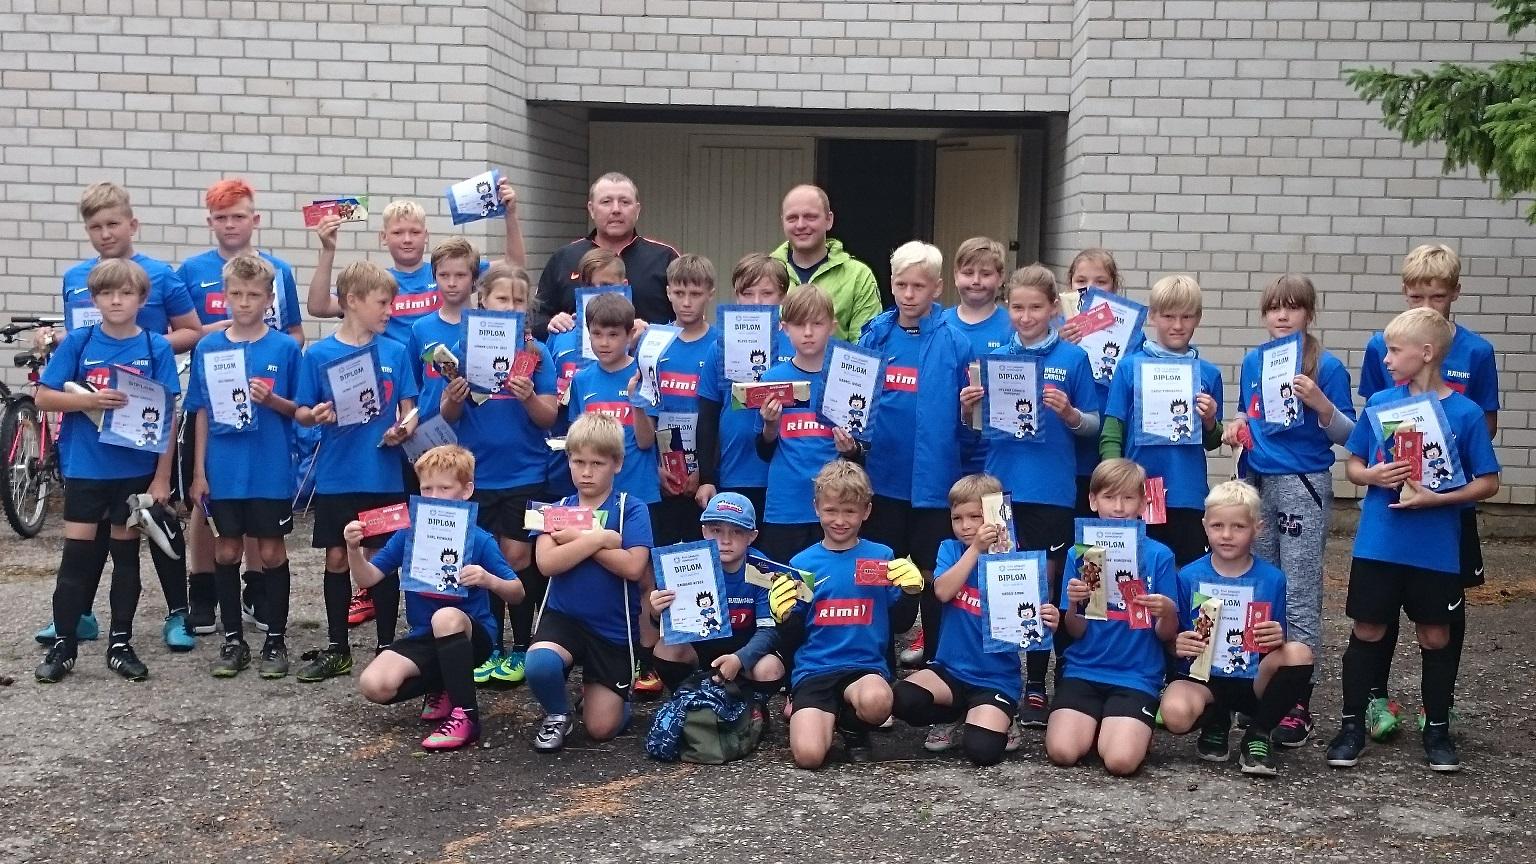 88e754db23f Erinevad Eesti paigad said juunilaagris taas rõõmustada laste üle, kes  registreerisid ennast juba 11 aastat toimunud EJL-RIMI jalgpallilaagritesse.